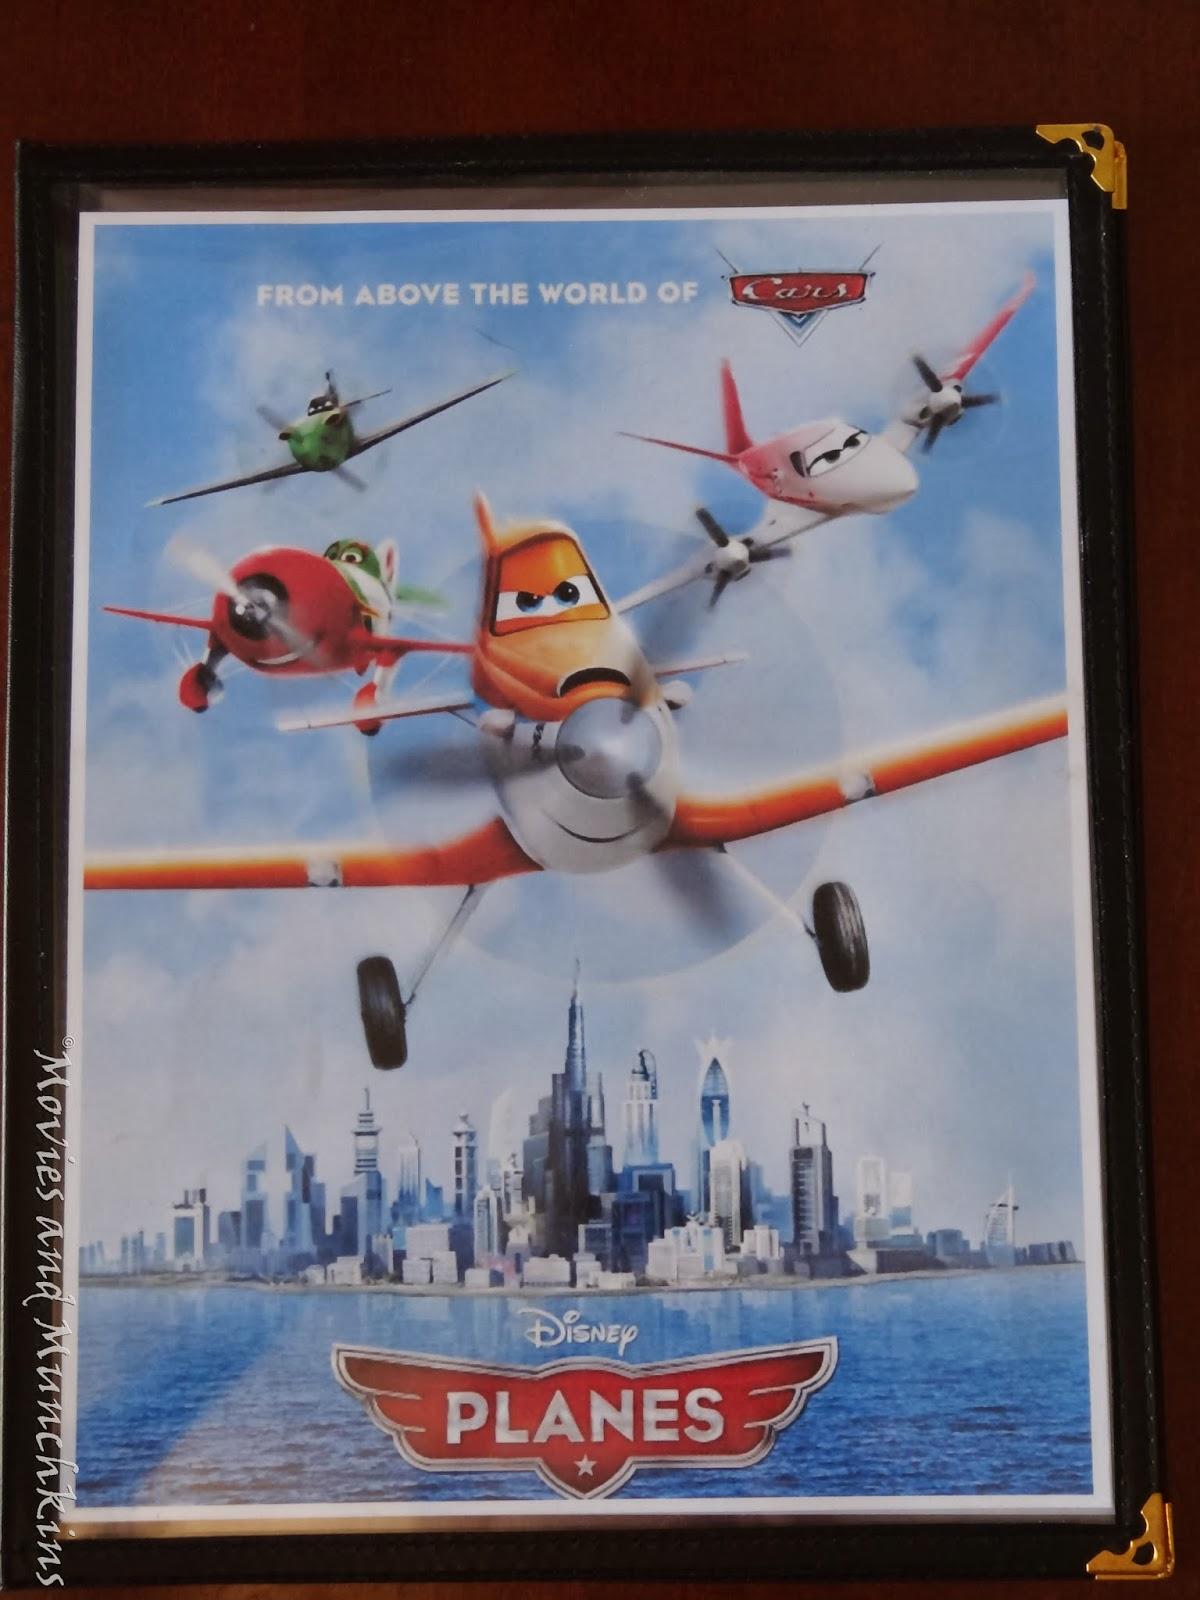 Movies & Munchkins: Planes Movie Night Planes Movie Poster